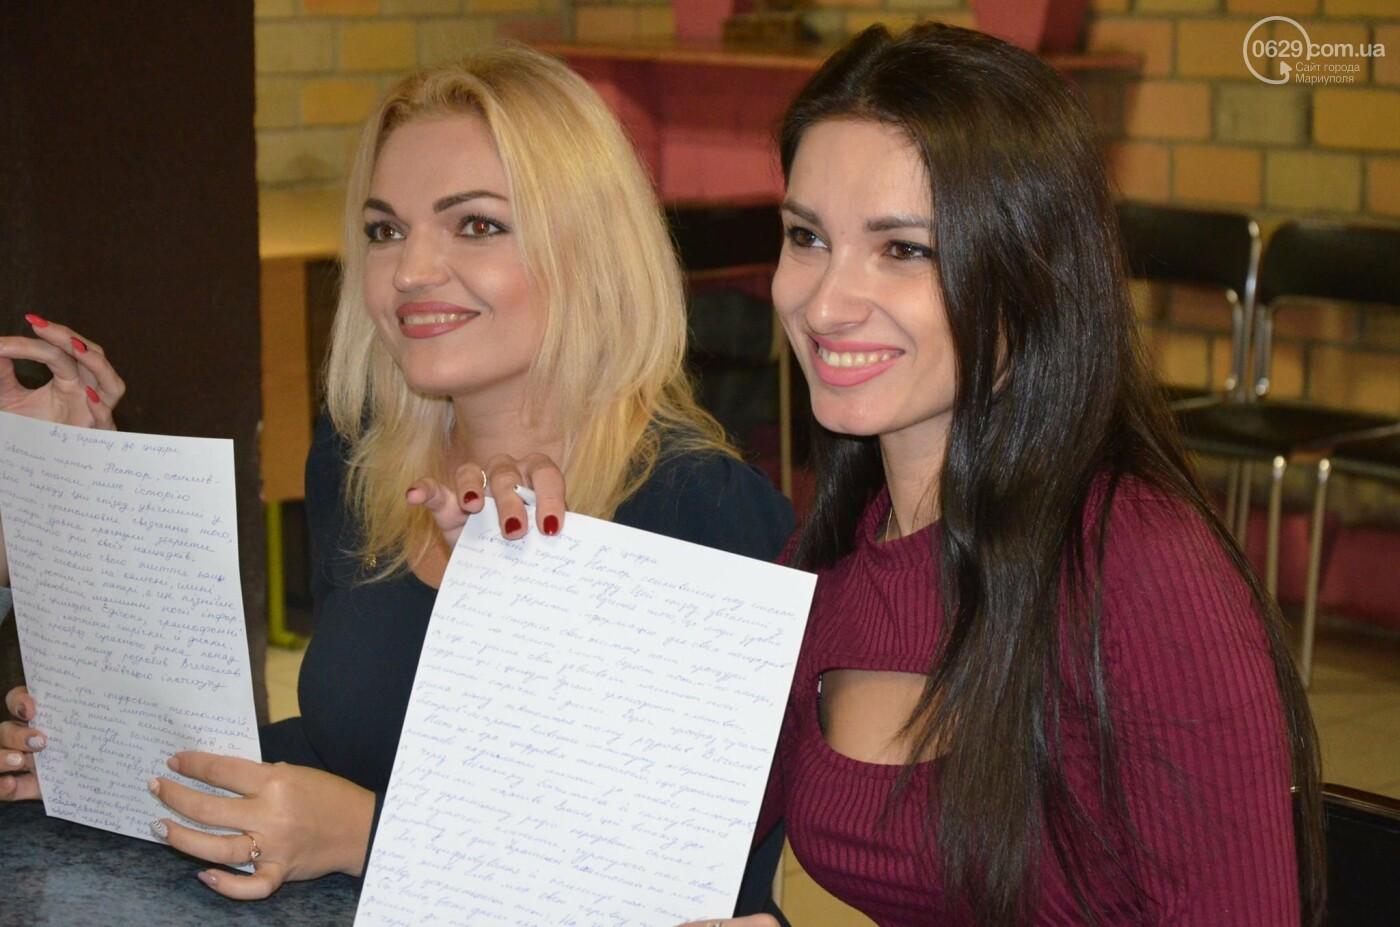 Мариупольцы проверили знание украинского языка, - ФОТО, ВИДЕО, фото-5